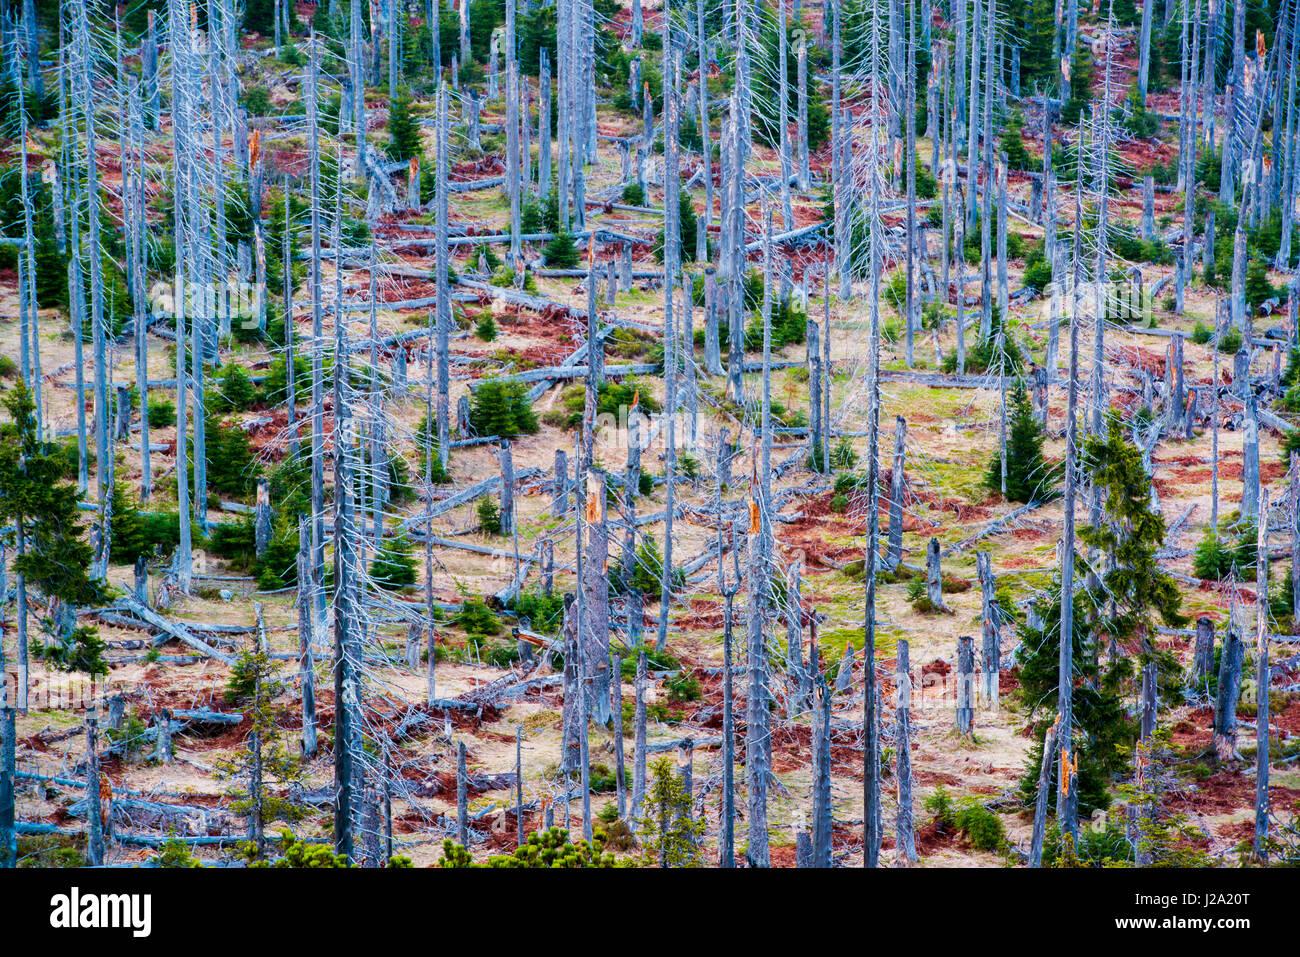 La Lusen montaña en el parque nacional Bayerischer Wald en Alemania con los bosques afectados por la lluvia Imagen De Stock